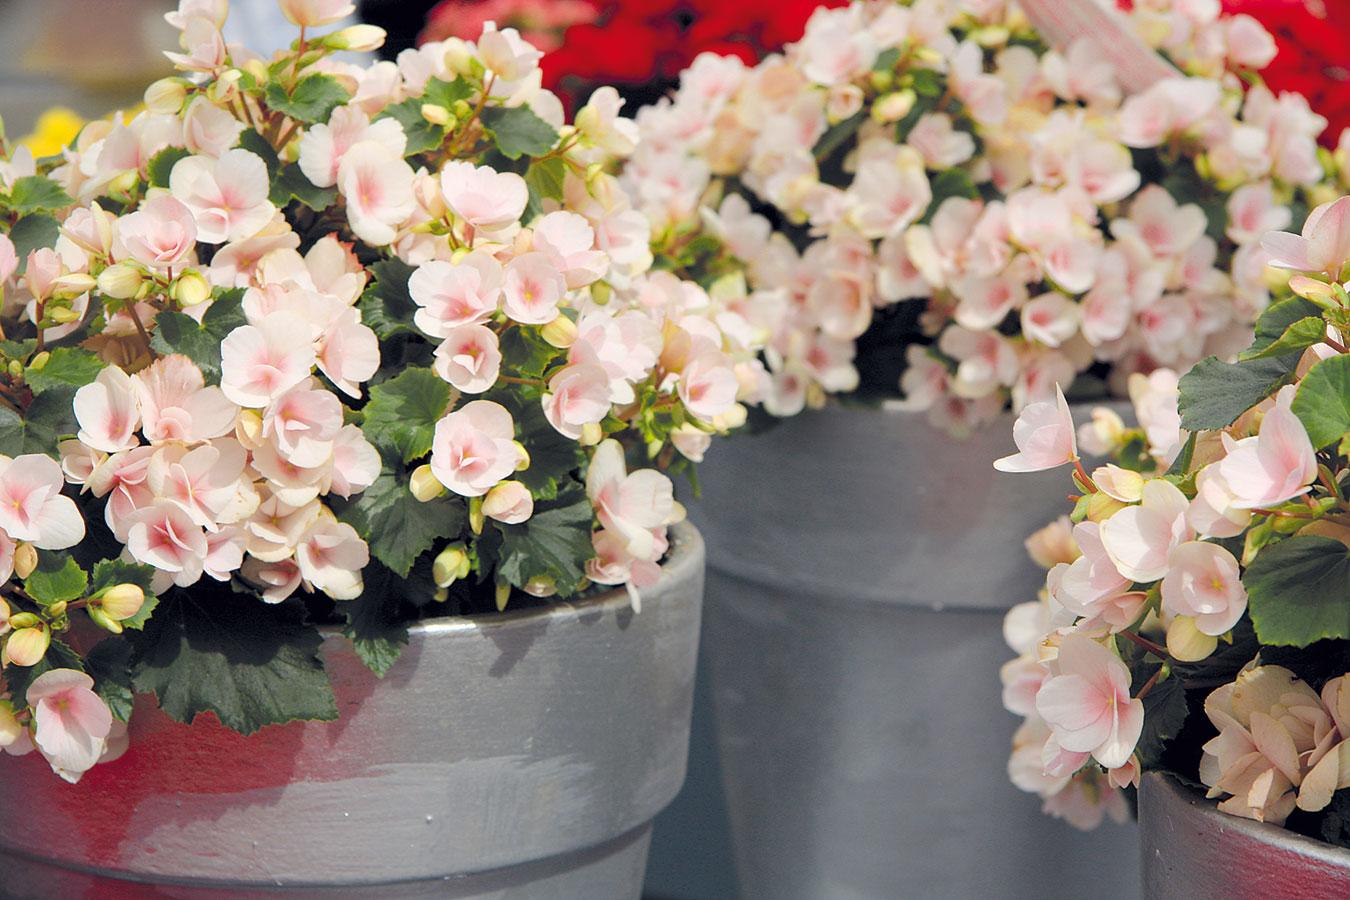 Begonie (Begonia elatior) se díky svým krásným květům těší velké oblibě vmoderním ivenkovském interiéru.